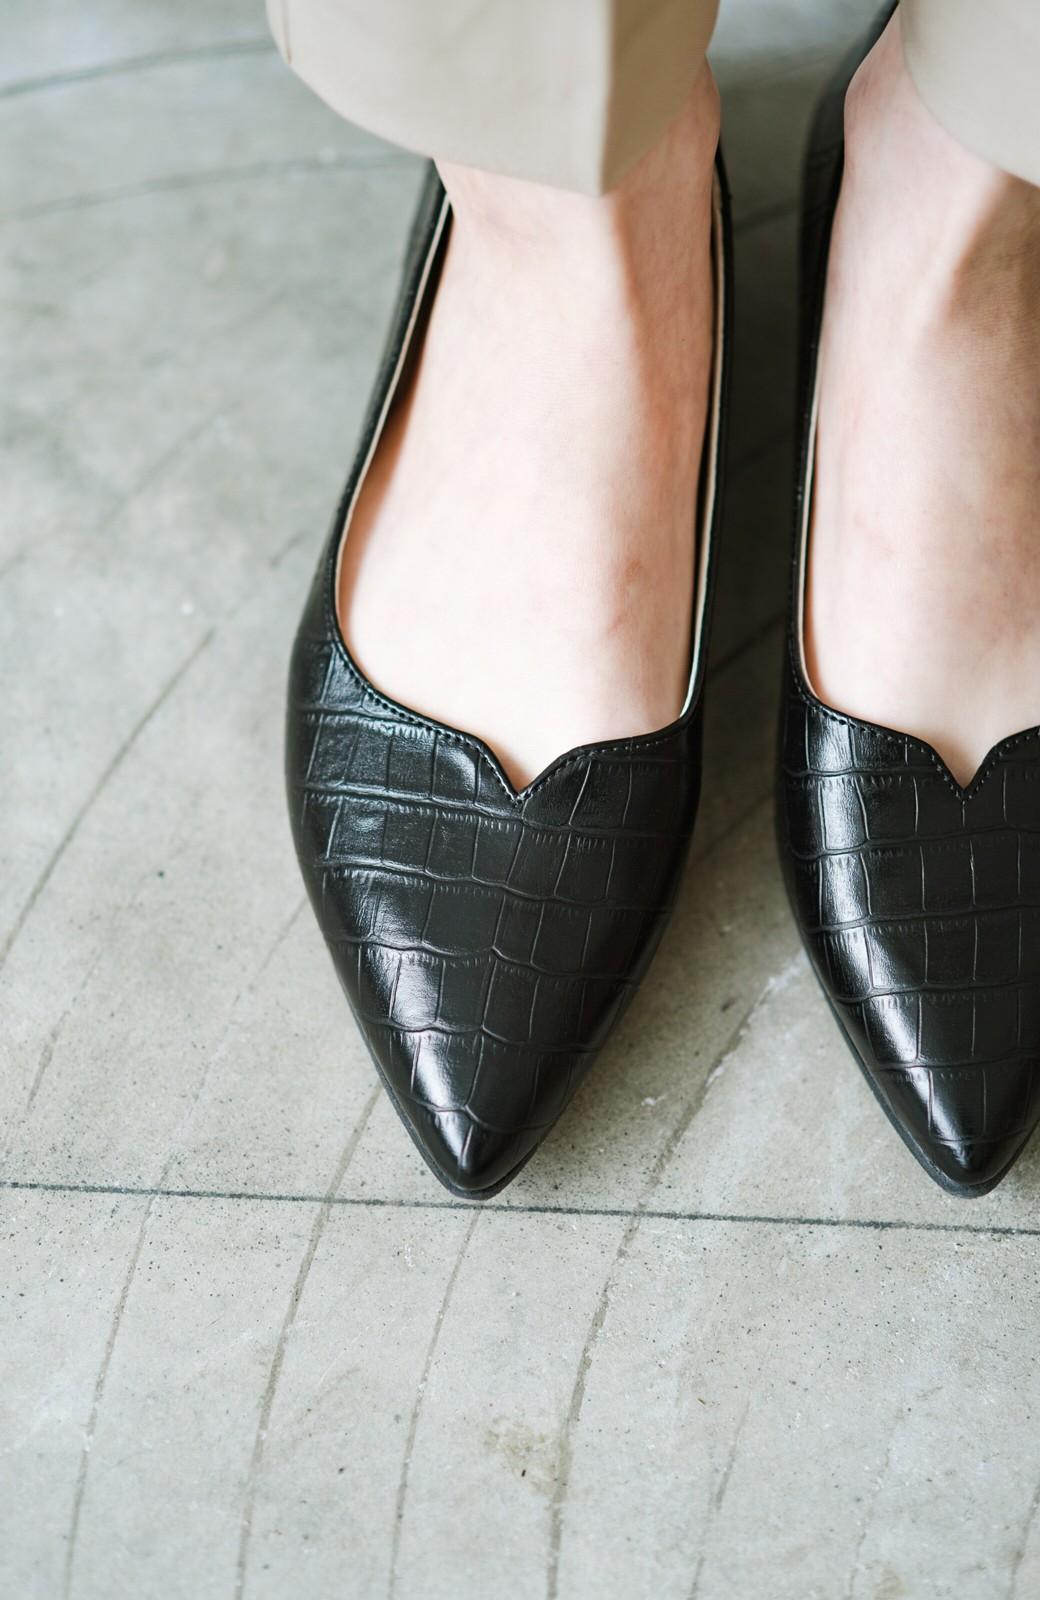 haco! 【防水】普段もお仕事も雨の日も!さっと履いて女っぽい Vカットが足をきれいに見せてくれるフラットパンプス <ブラック>の商品写真7